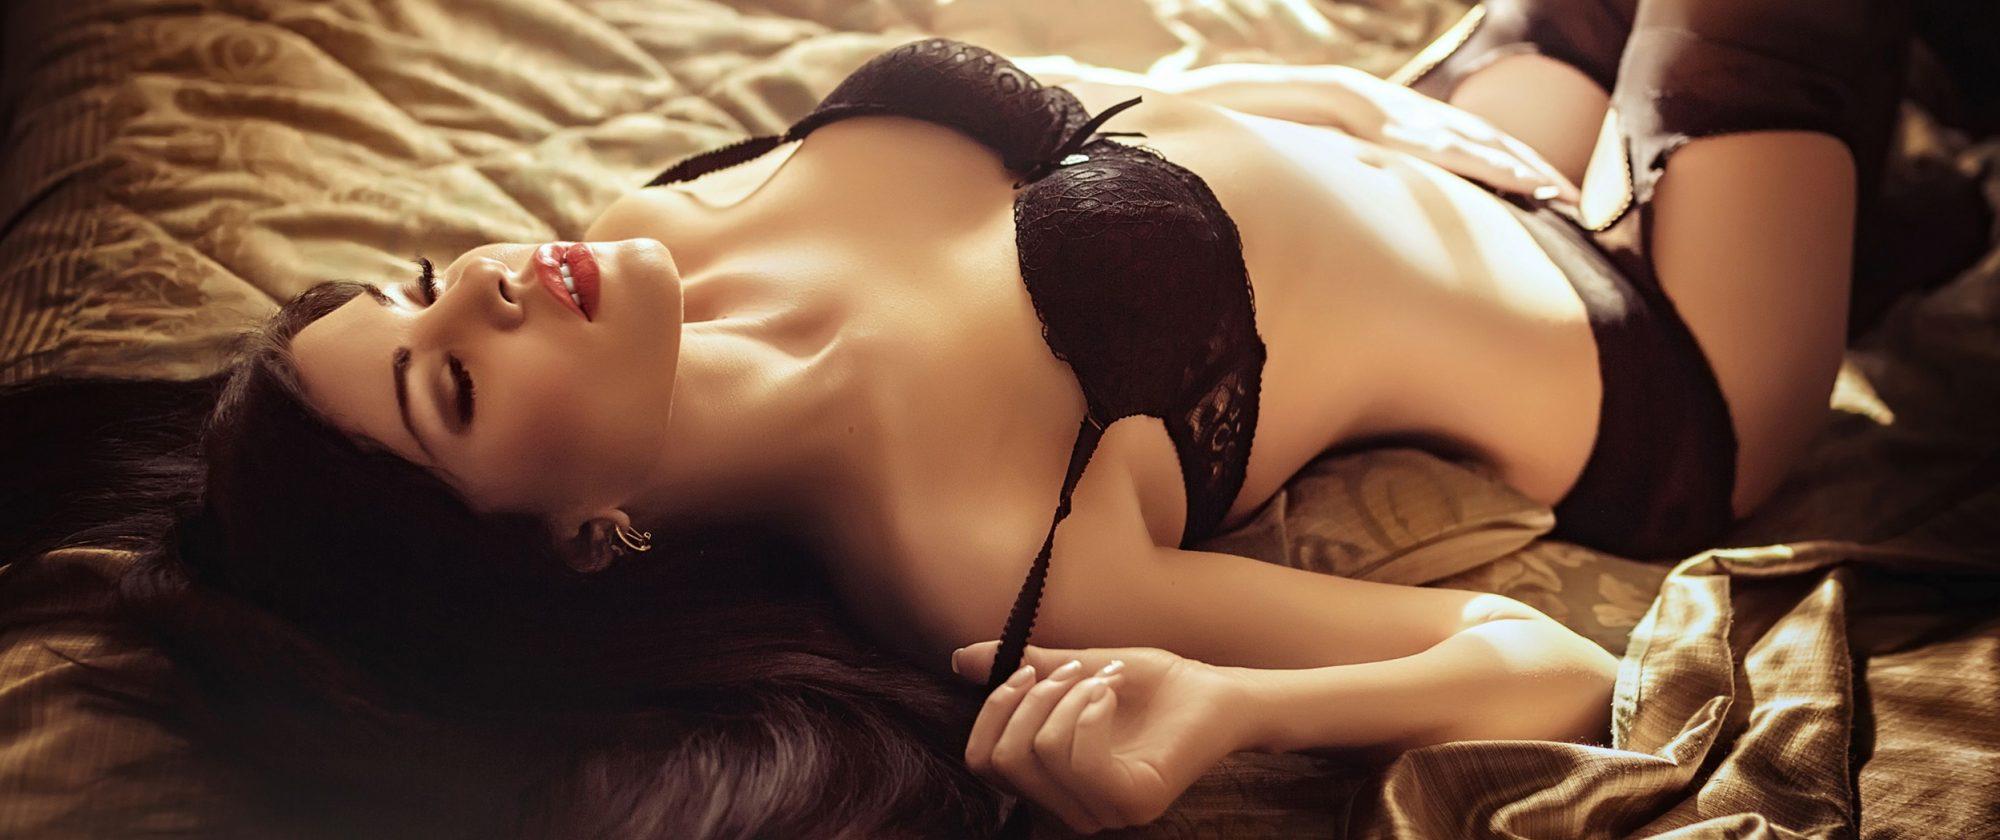 erotische massage wijchen erotische massage wageningen